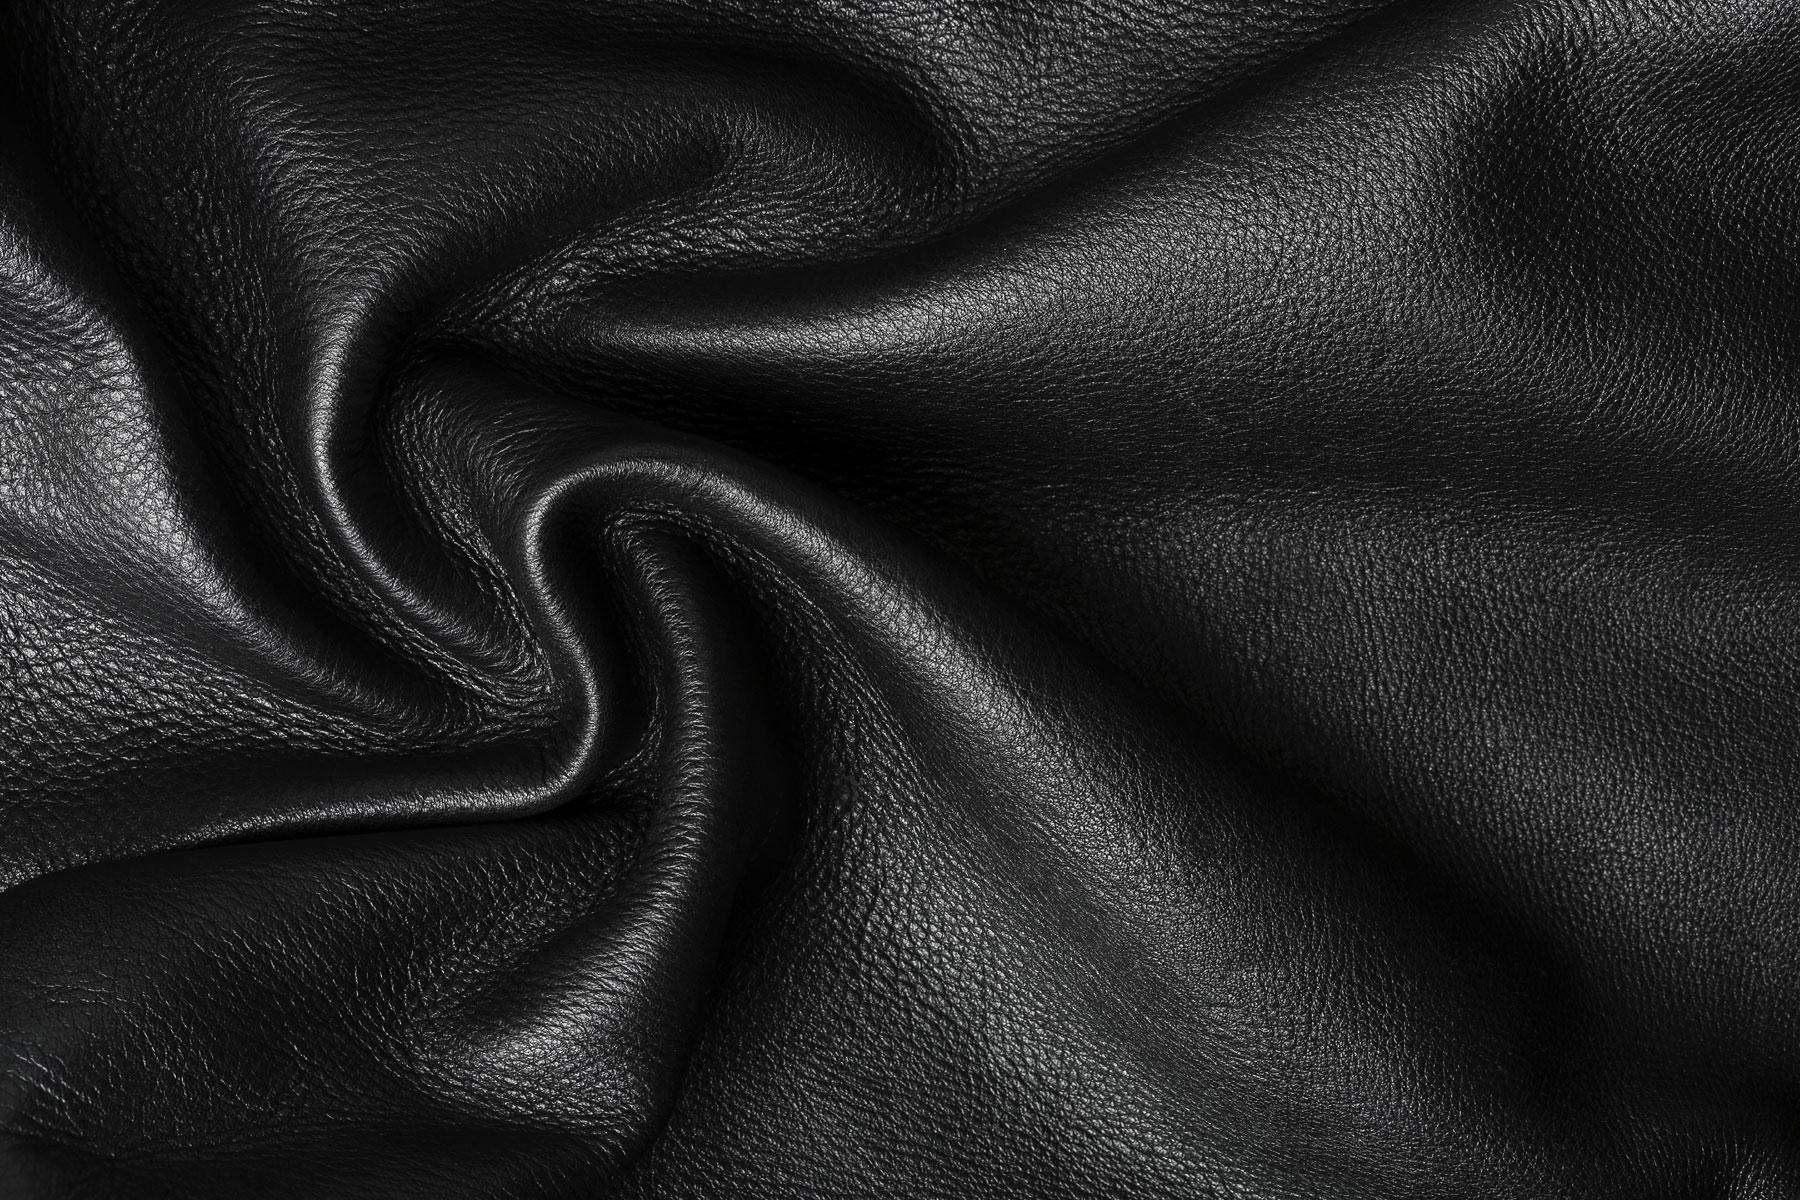 guerlain black perfecto by la petite robe noire new fragrances